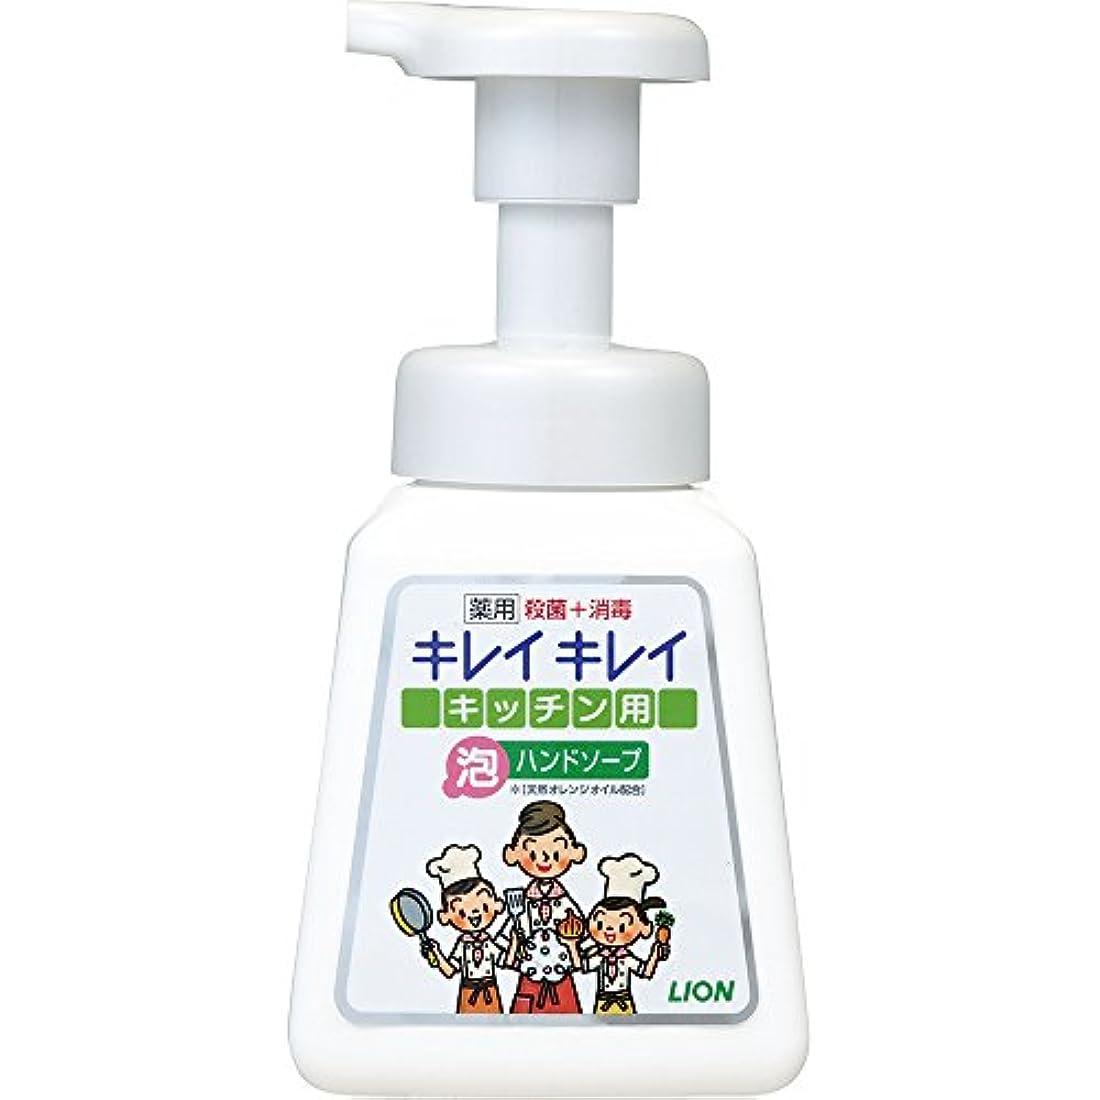 抗生物質謙虚な実際にキレイキレイ 薬用 キッチン泡ハンドソープ 本体ポンプ 230ml(医薬部外品)